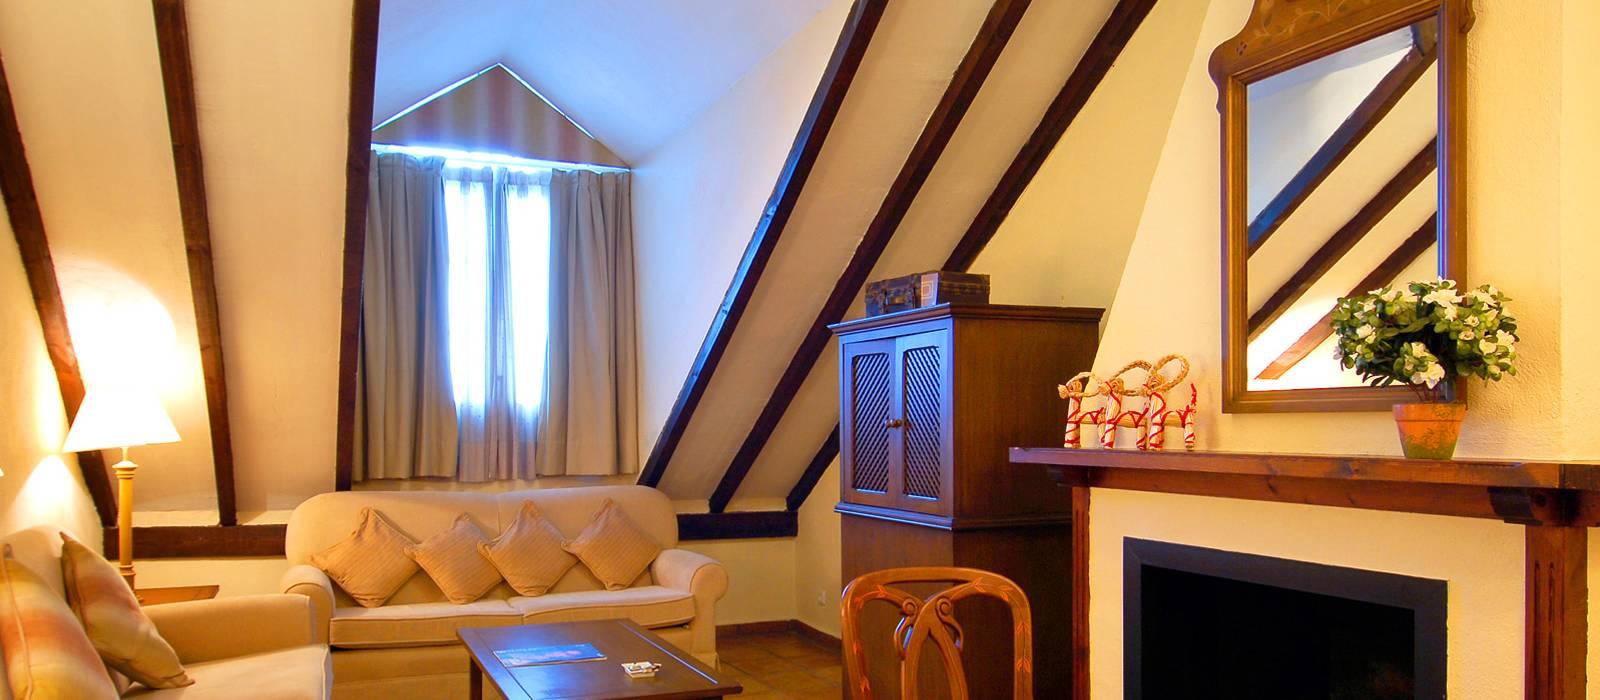 Offerte Rumaykiyya Hotel Sierra Nevada - Vincci Hoteles - Soggiorna 4 notti e risparmia -10%!